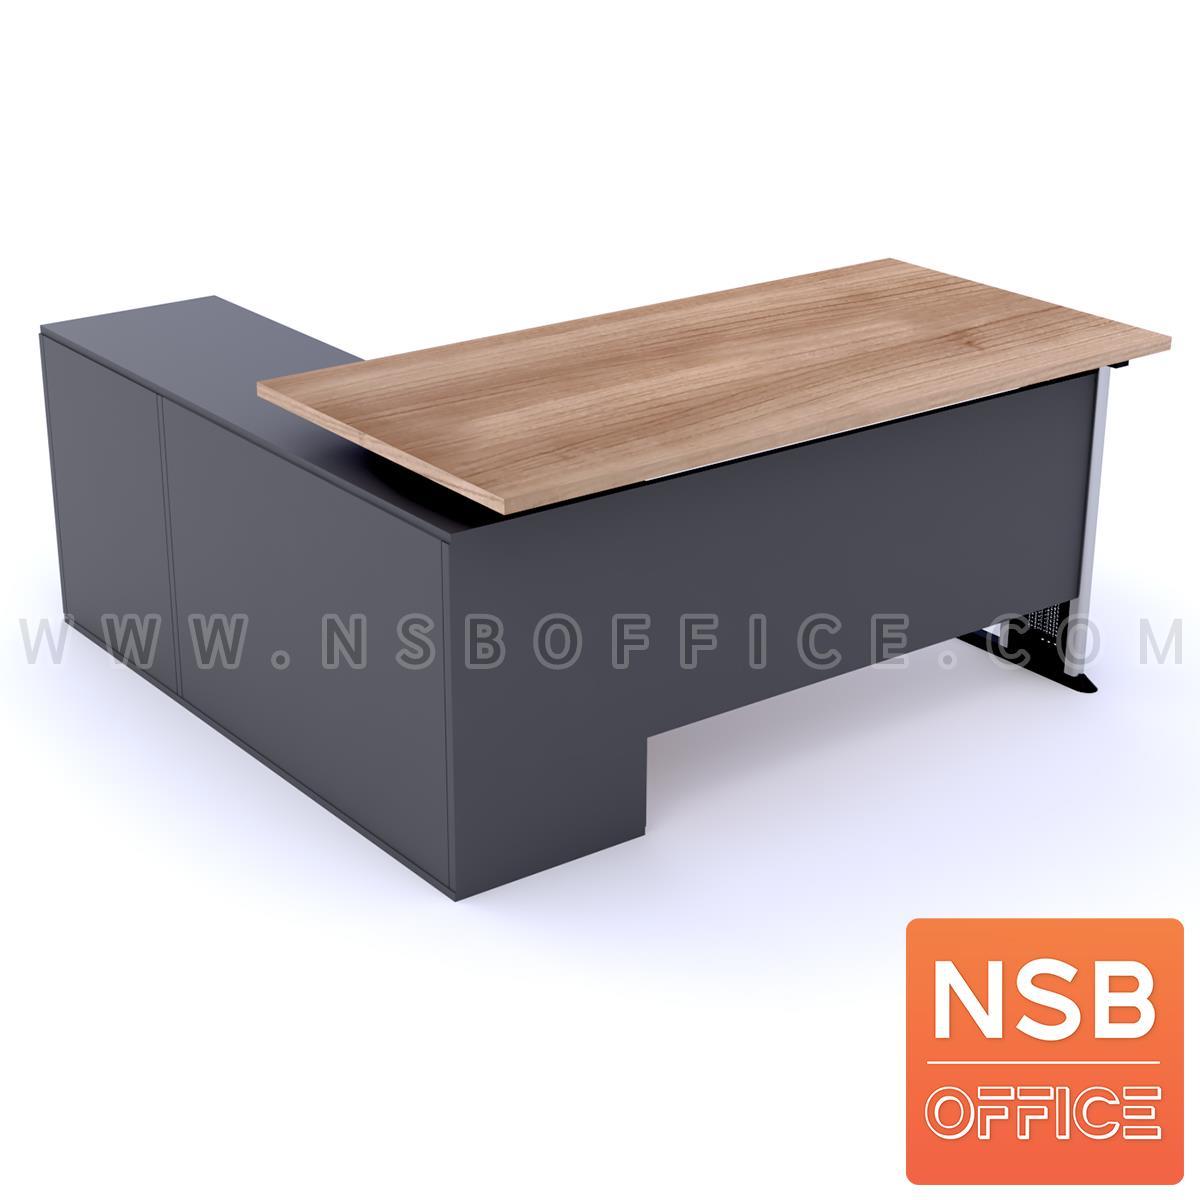 โต๊ะทำงานตัวแอล   ขนาด 150W1 ,165W1*130W2 cm.  พร้อมตู้ข้างเตี้ย เมลามีน